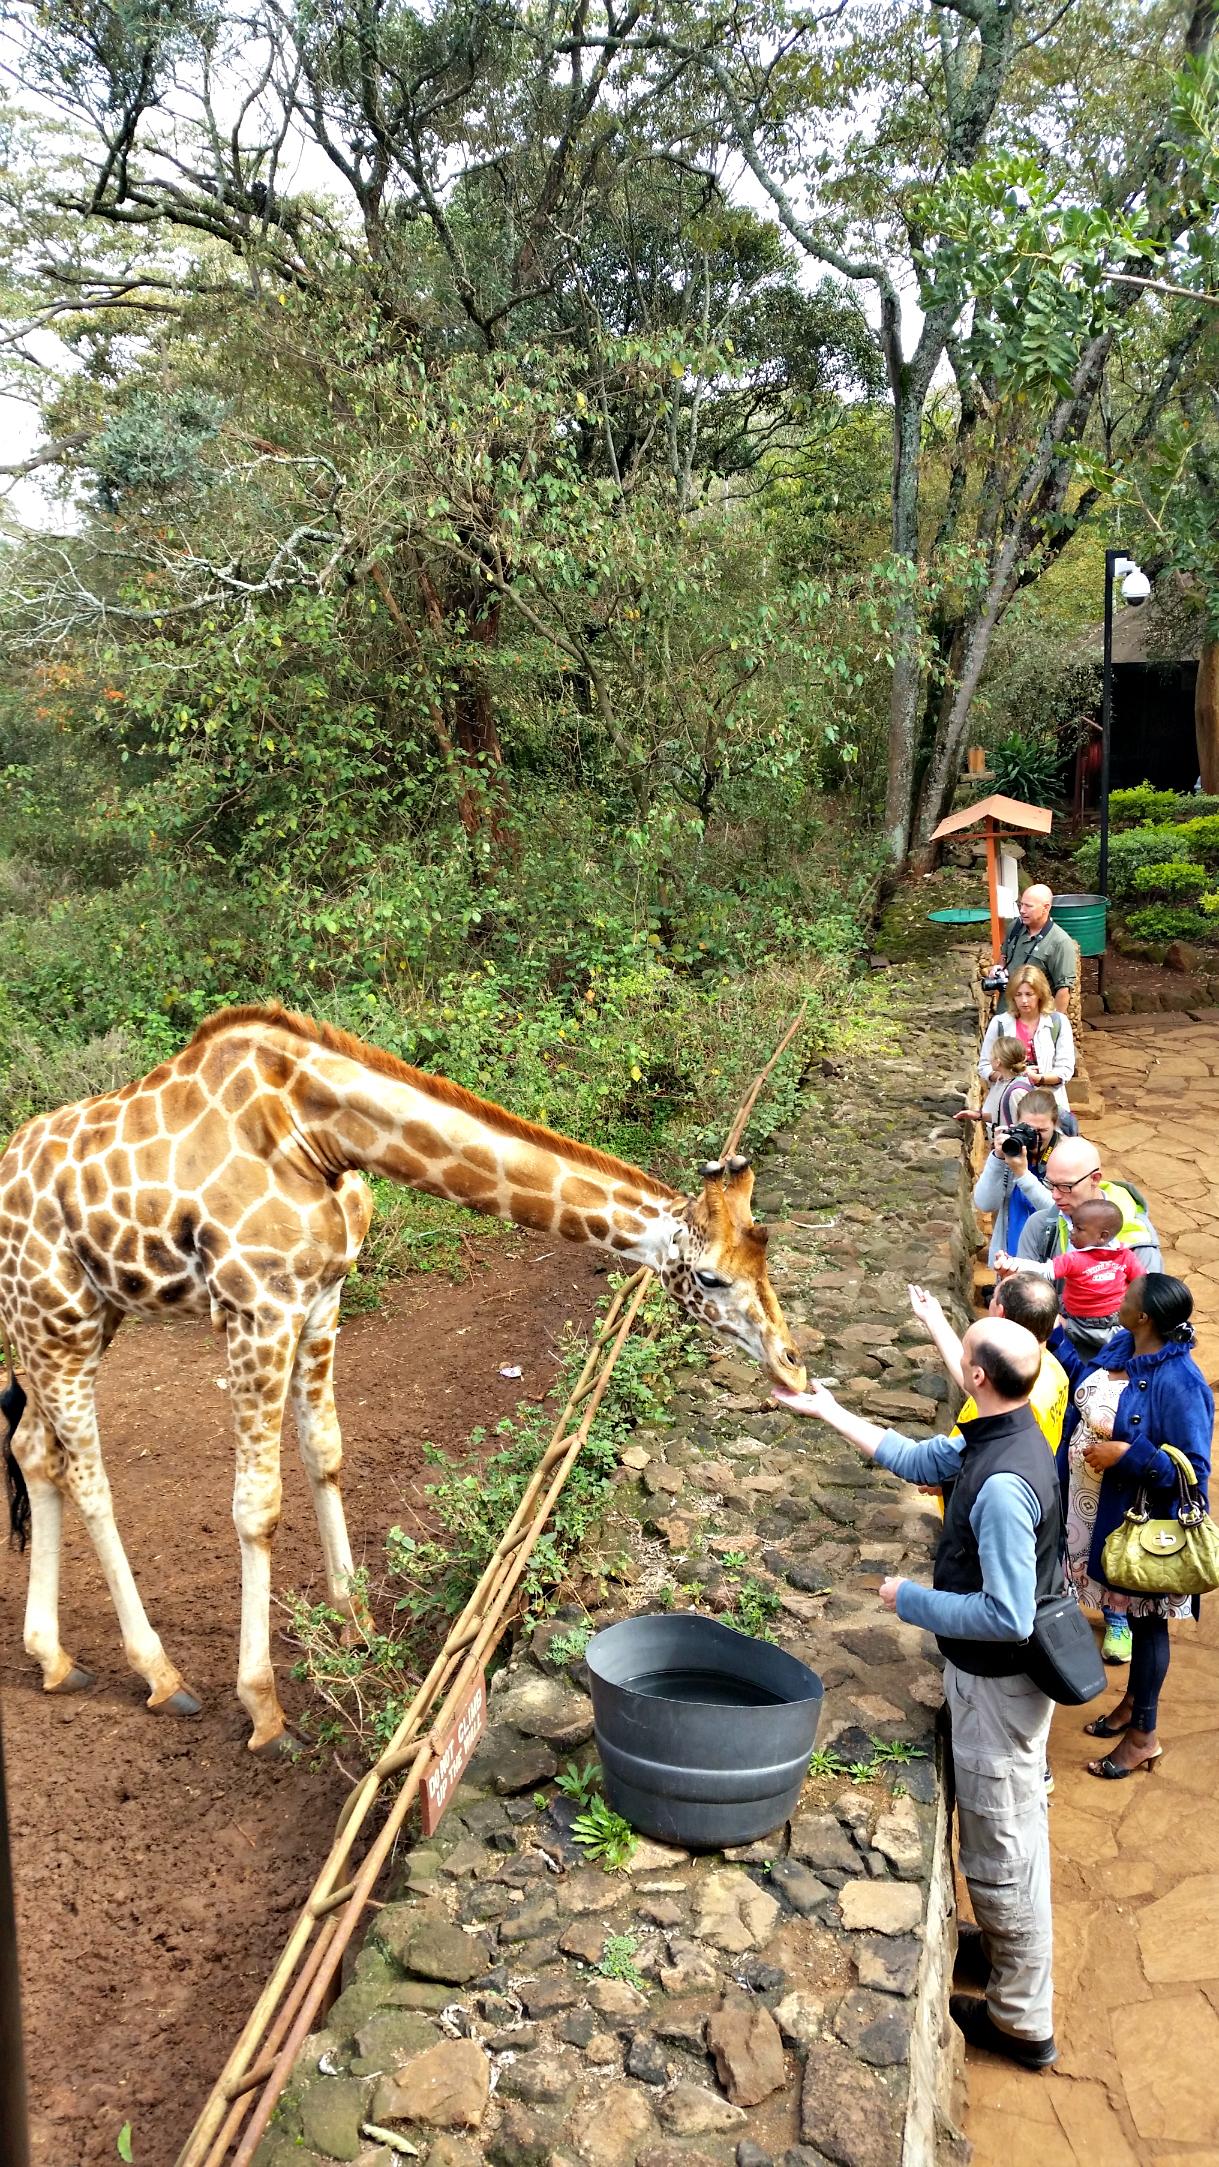 Giraffe 20140713_095510.jpg